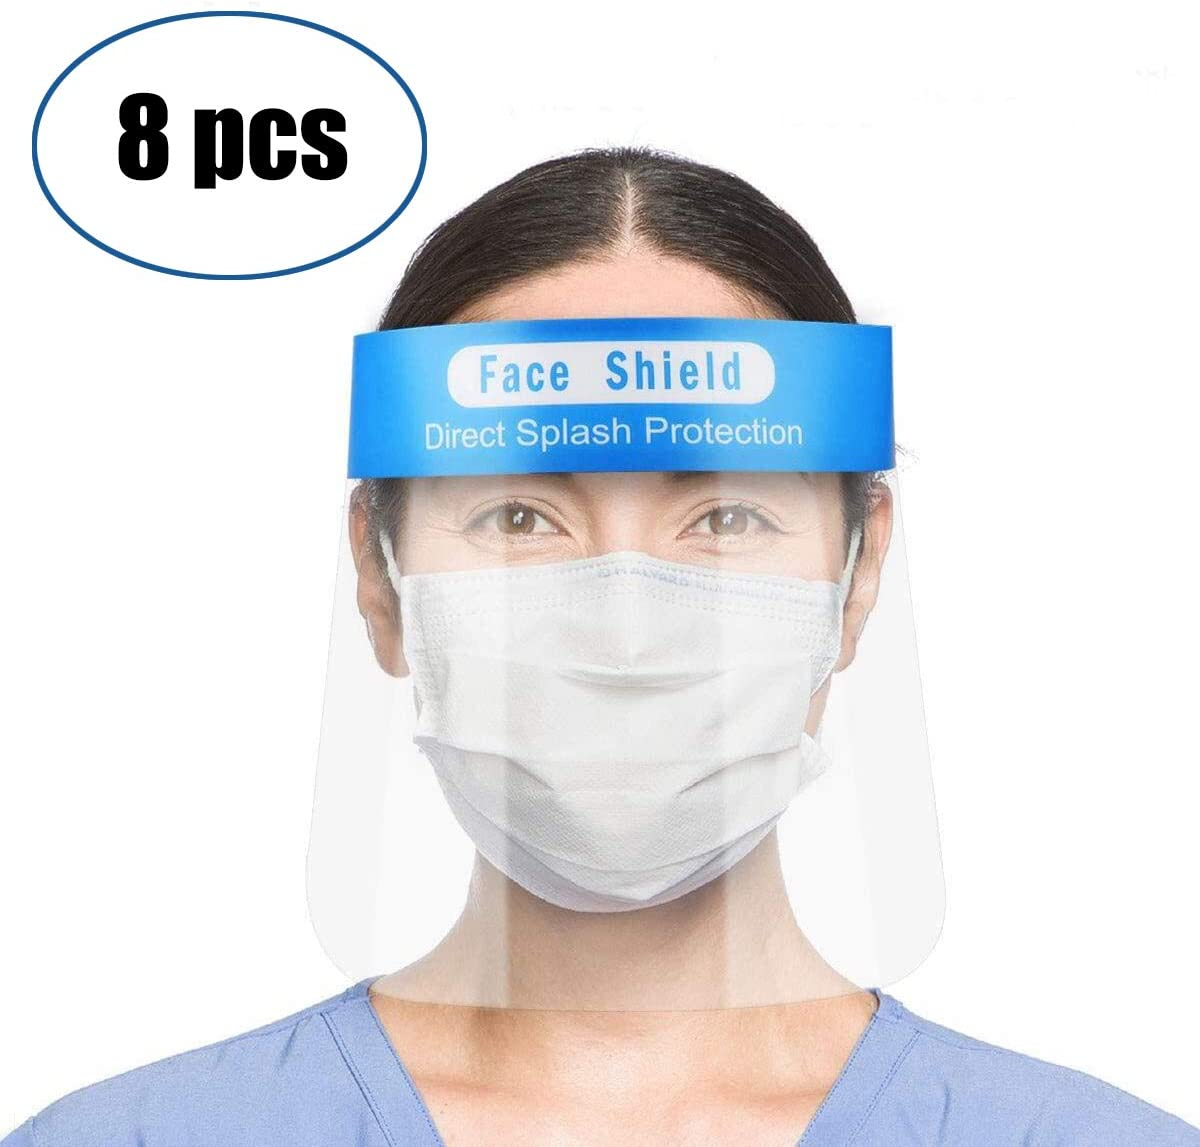 Enjoyee 8 pzs Visera Protectora para la Cara, de plástico Ligero, Ajustable, Transparente, para Evitar la Saliva, Gotas, Polen y Polvo (Azul)